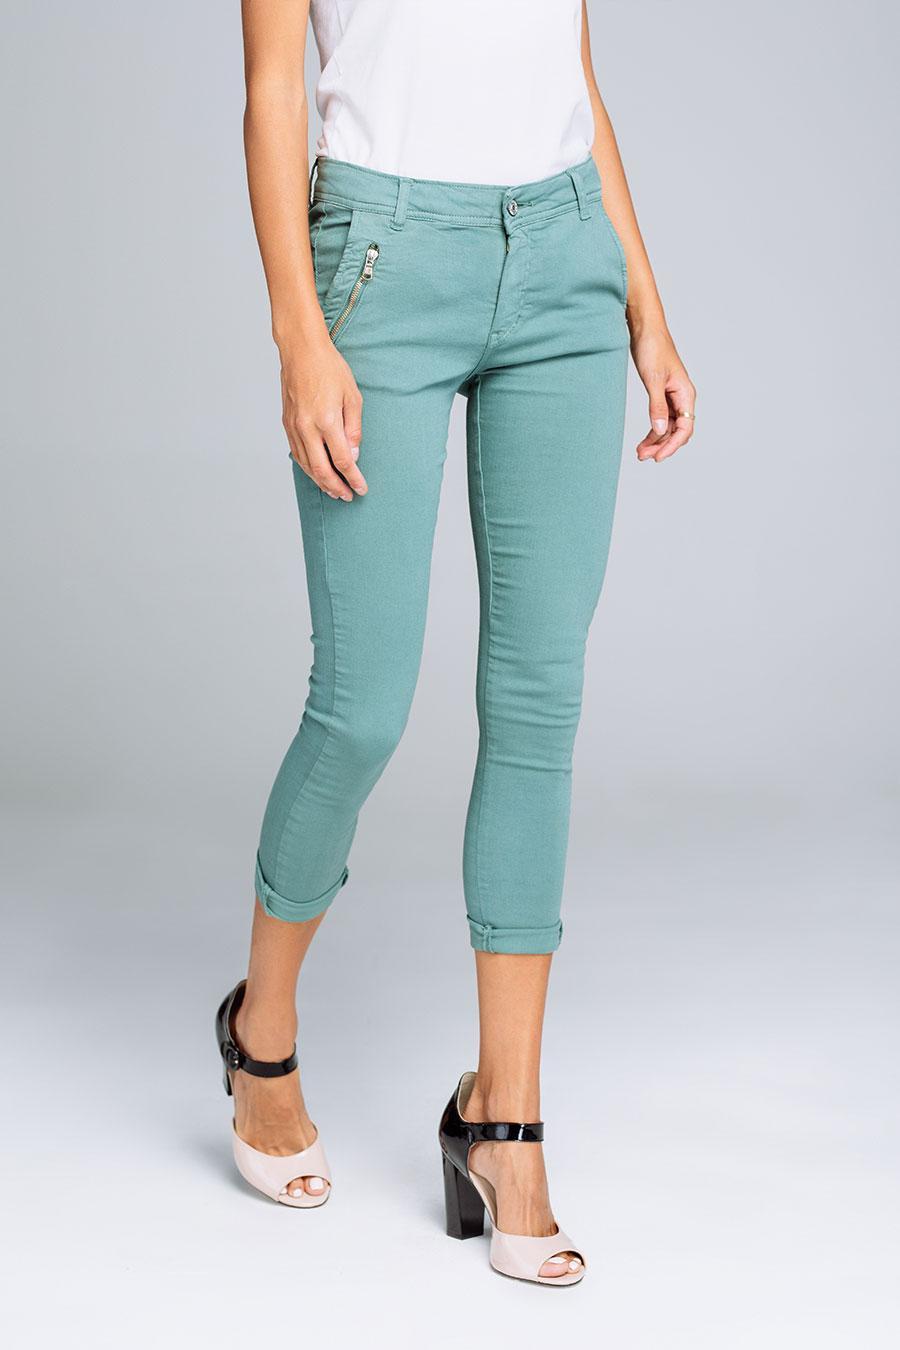 Online Shop Jagger Brand Zenske Pantalone Jg 1133 13 Jesen Zima 2020 2021 01